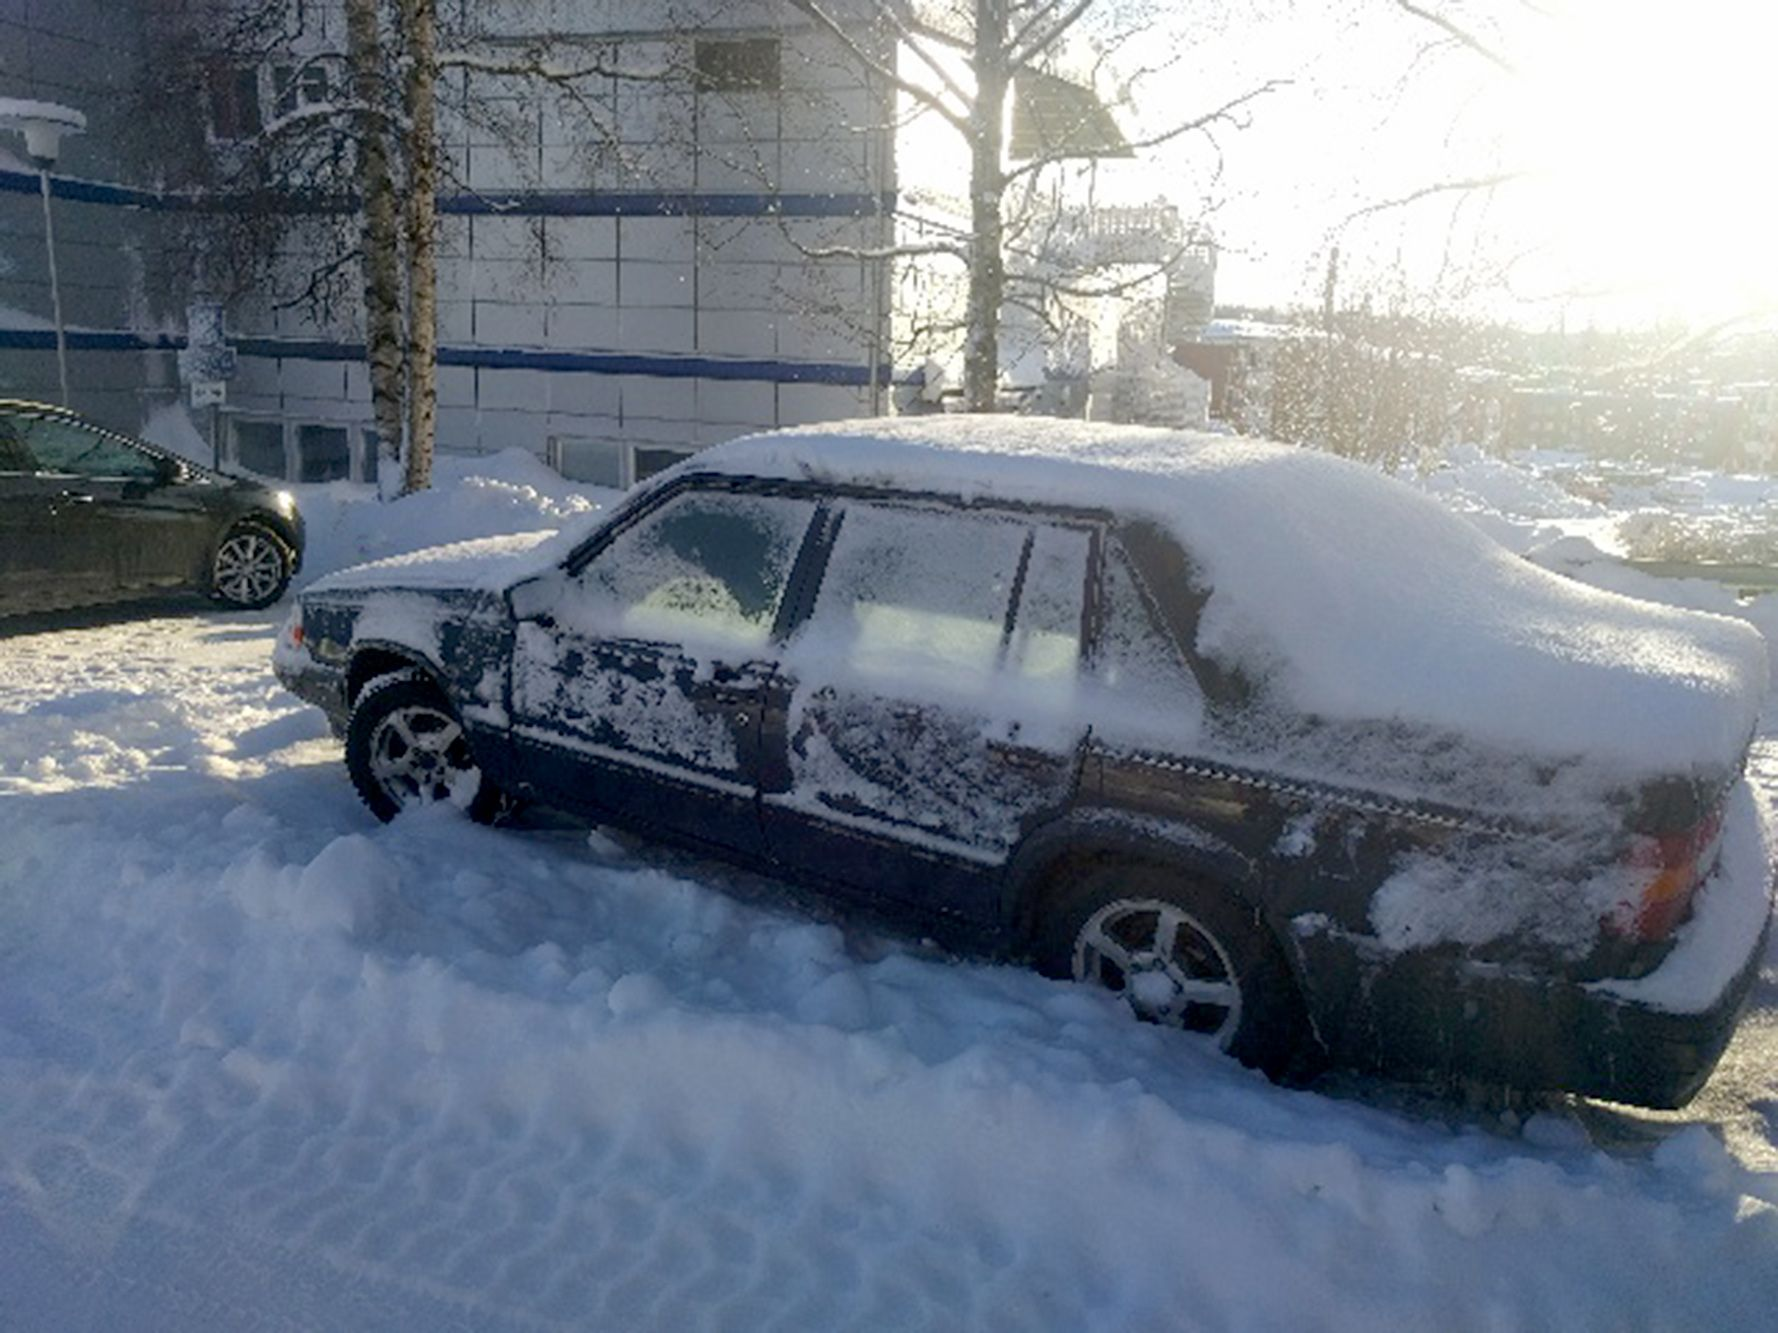 OMKOM HER: Lasse ble funnet død i bilen sin etter å ha satt seg fast i snøen.